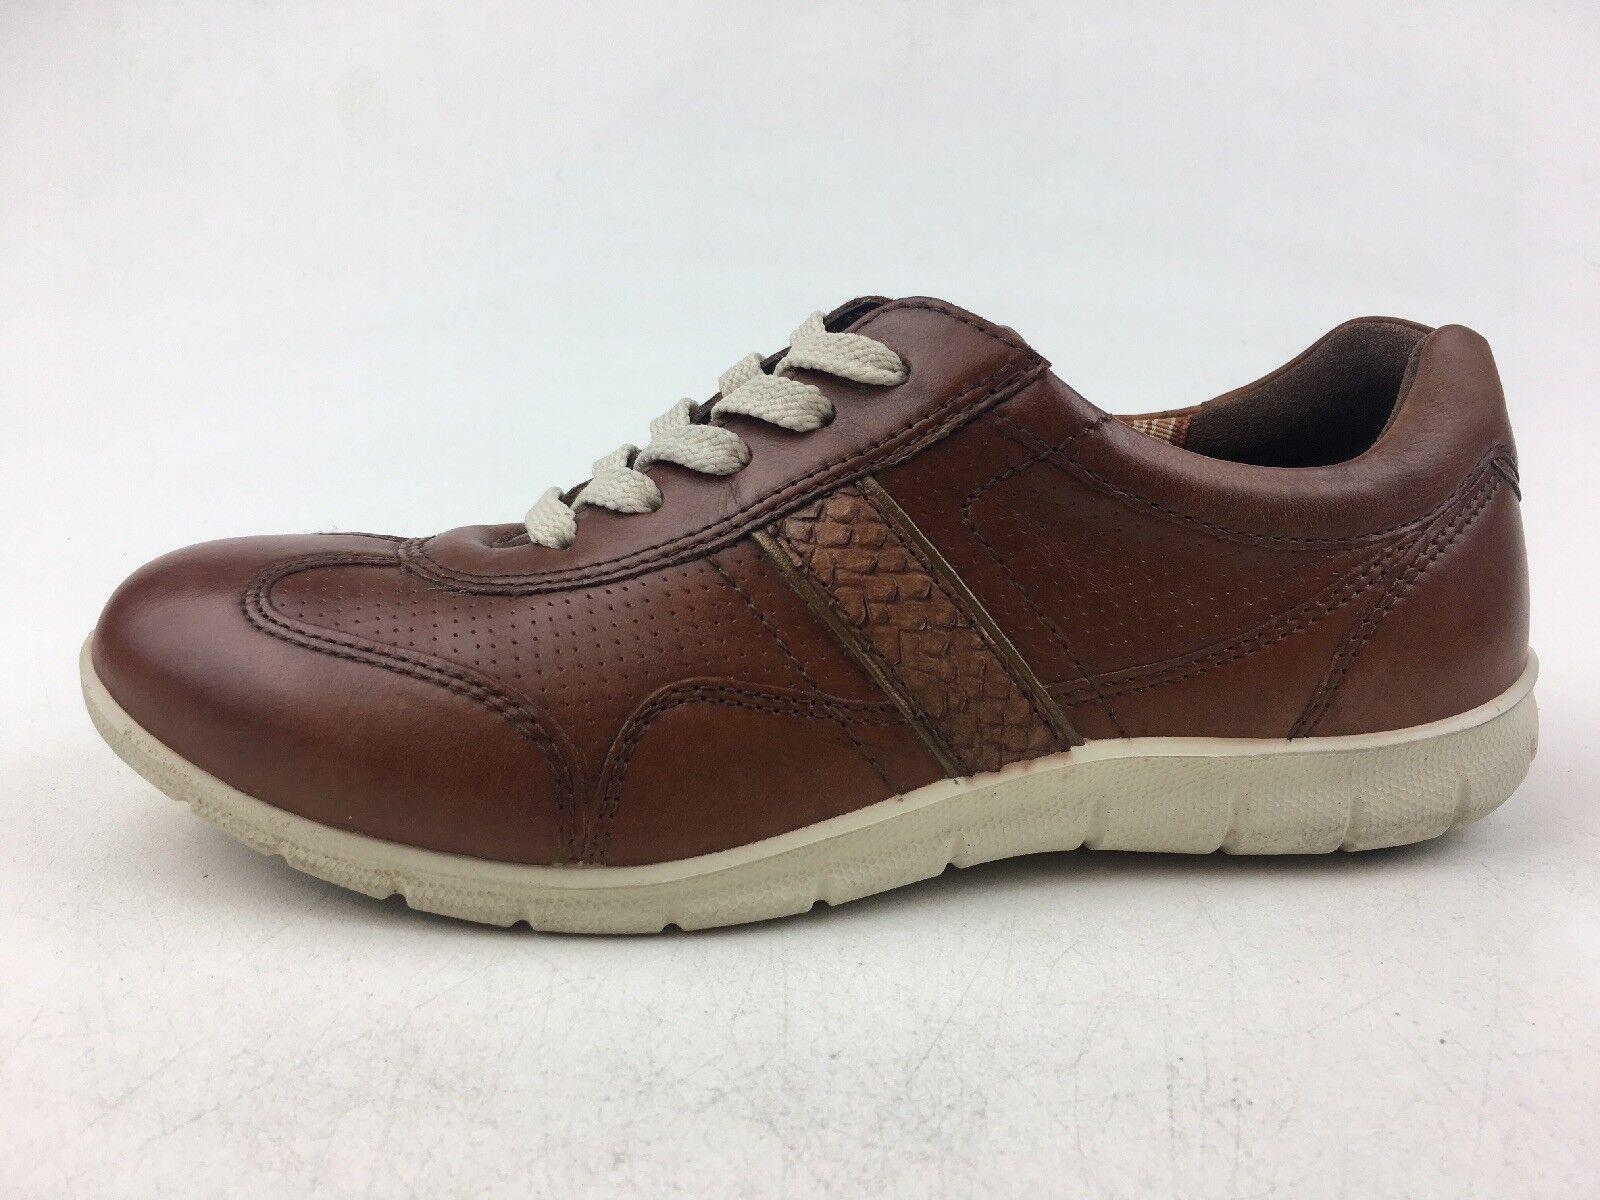 ECCO donna's Babett Lace Up scarpe da ginnastica Dimensione EUR 37, Mahogany 1320